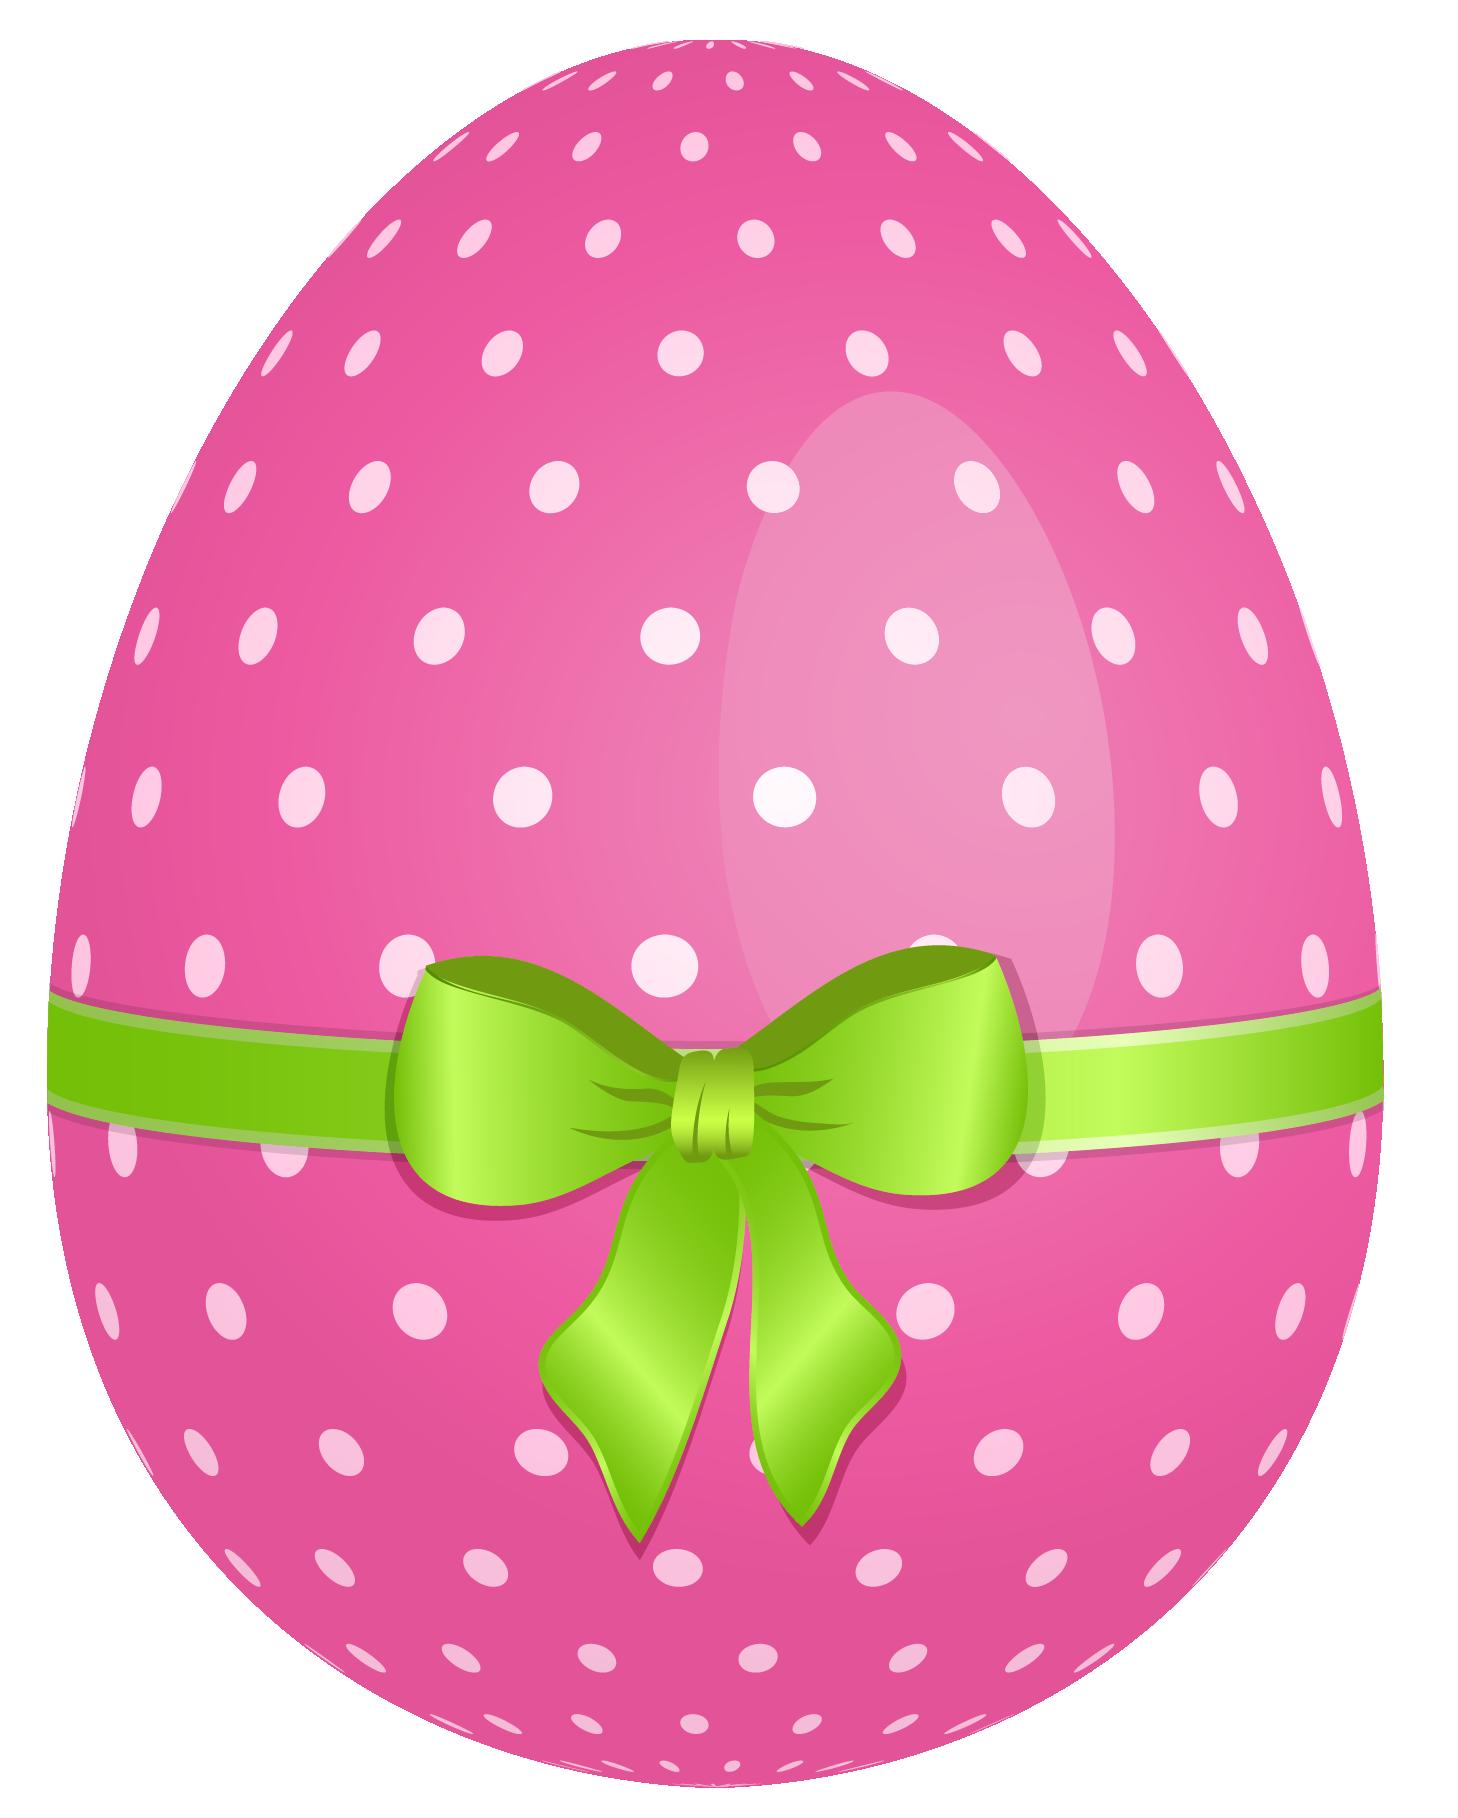 Free easter egg clip art imag - Free Easter Egg Clip Art